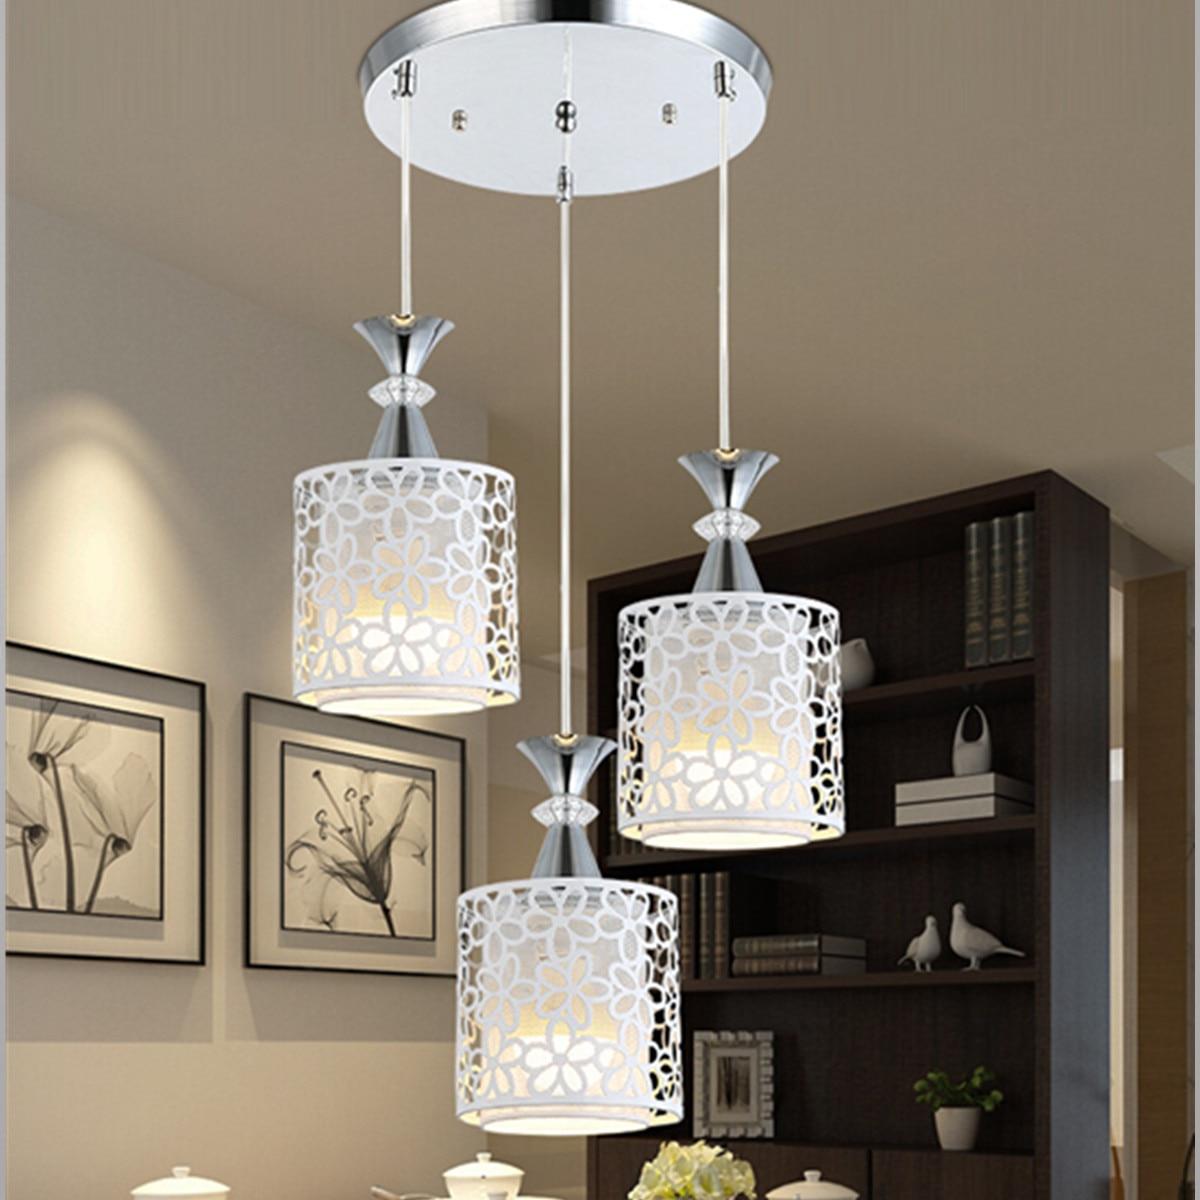 Modern Crystal Ceiling Lights Flower Lampshade White Light LED Lamp Living Room Indoor Lighting Innrech Market.com